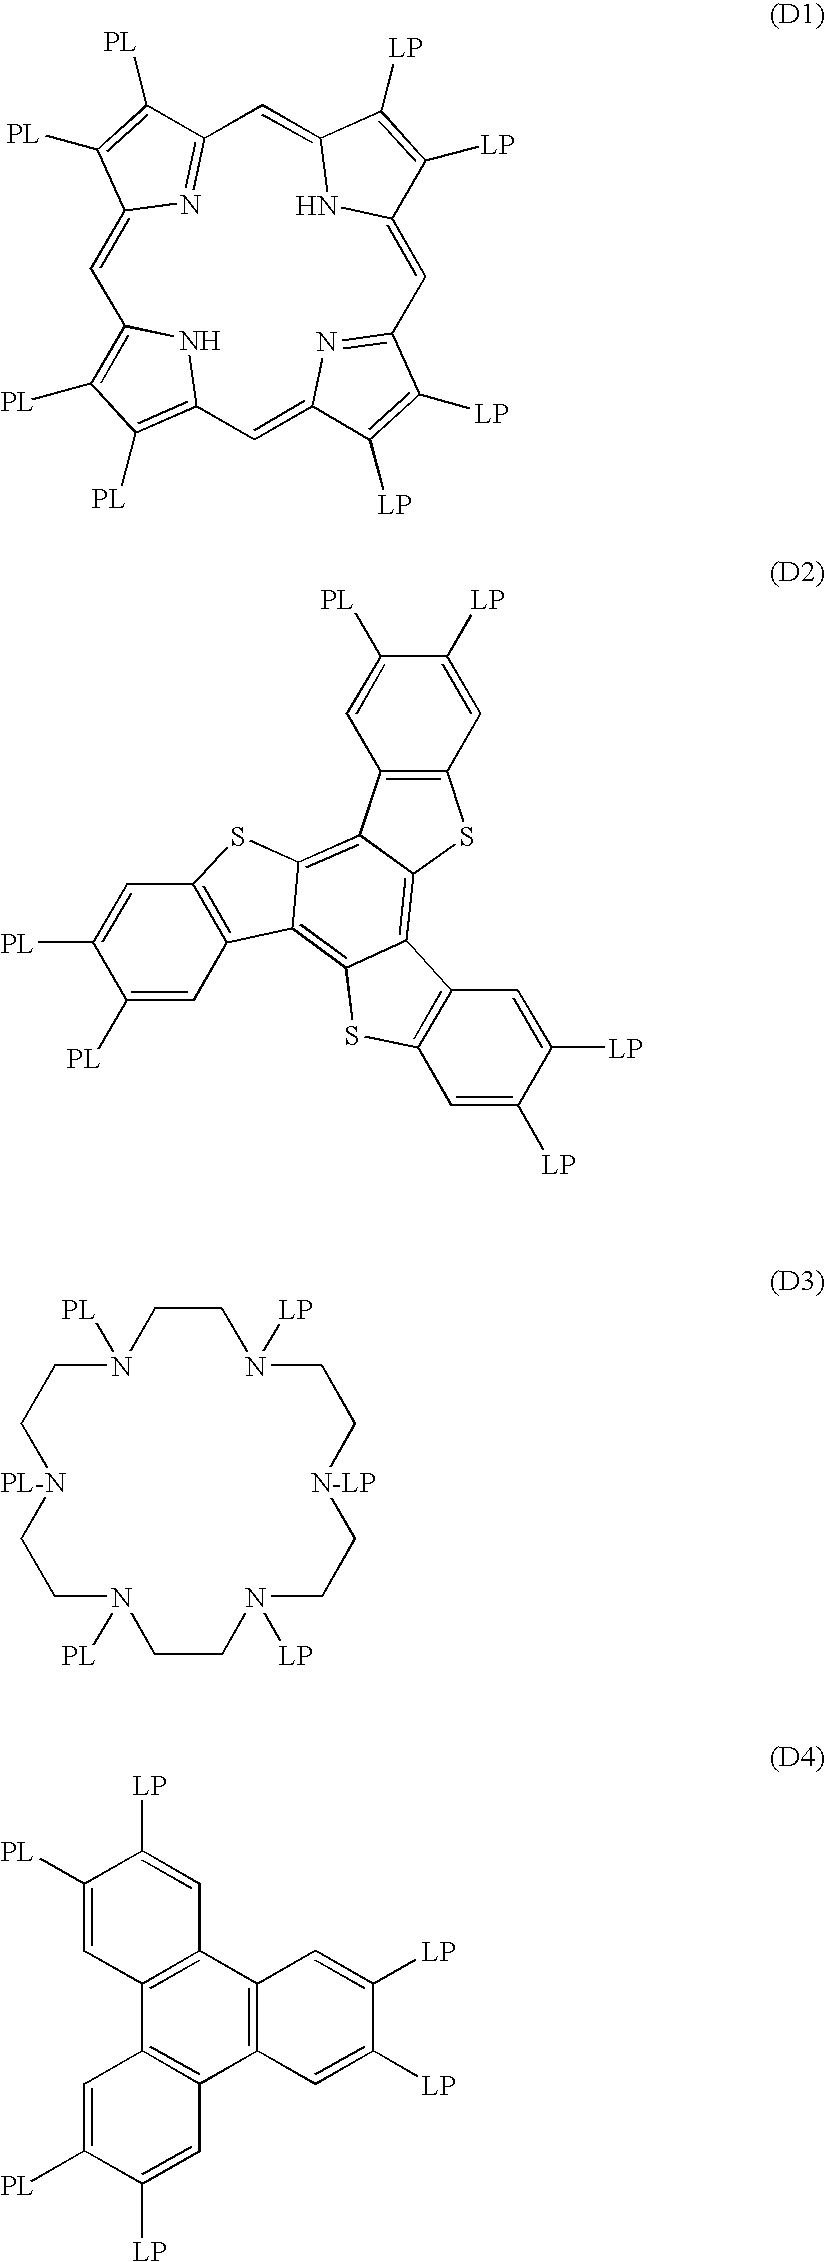 Figure US20090066883A1-20090312-C00001